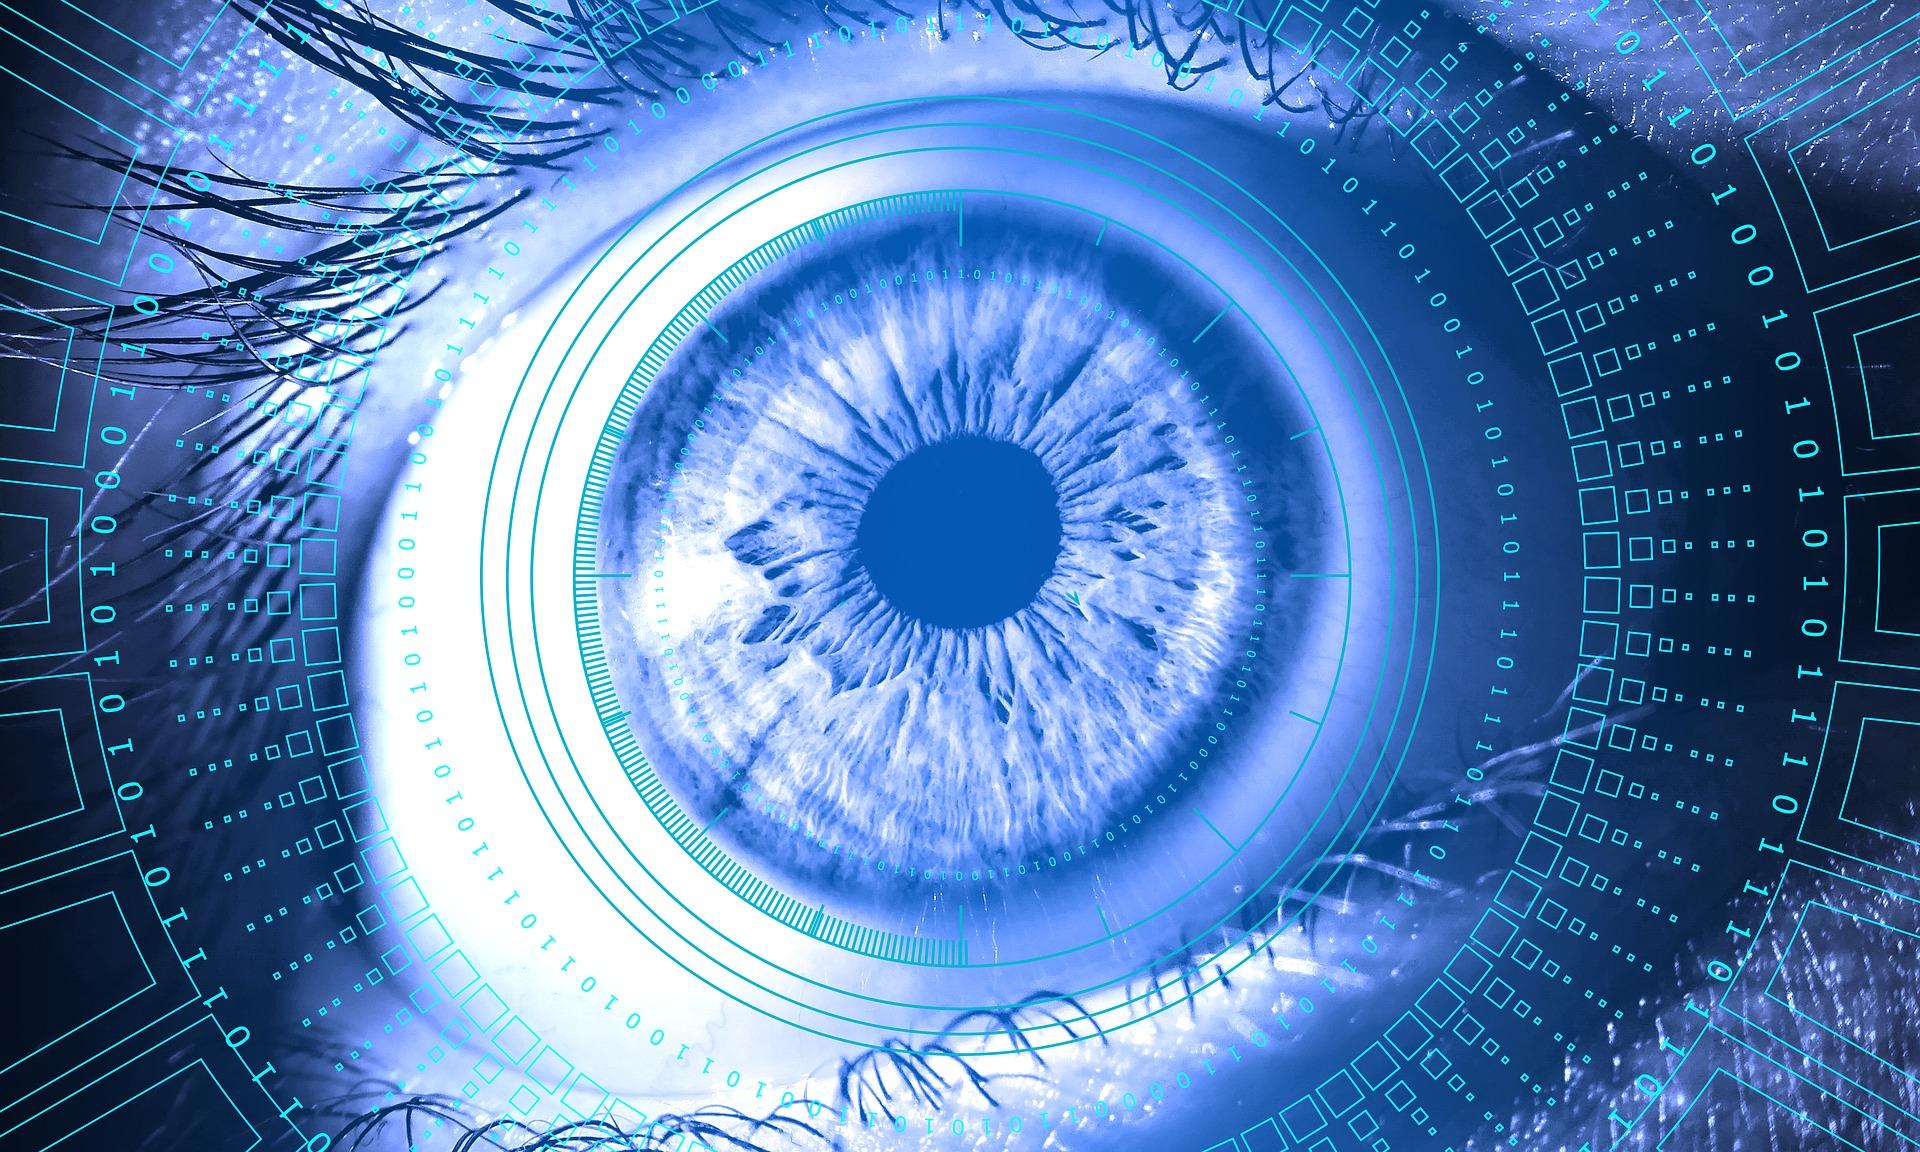 eye-3374462_1920.jpg